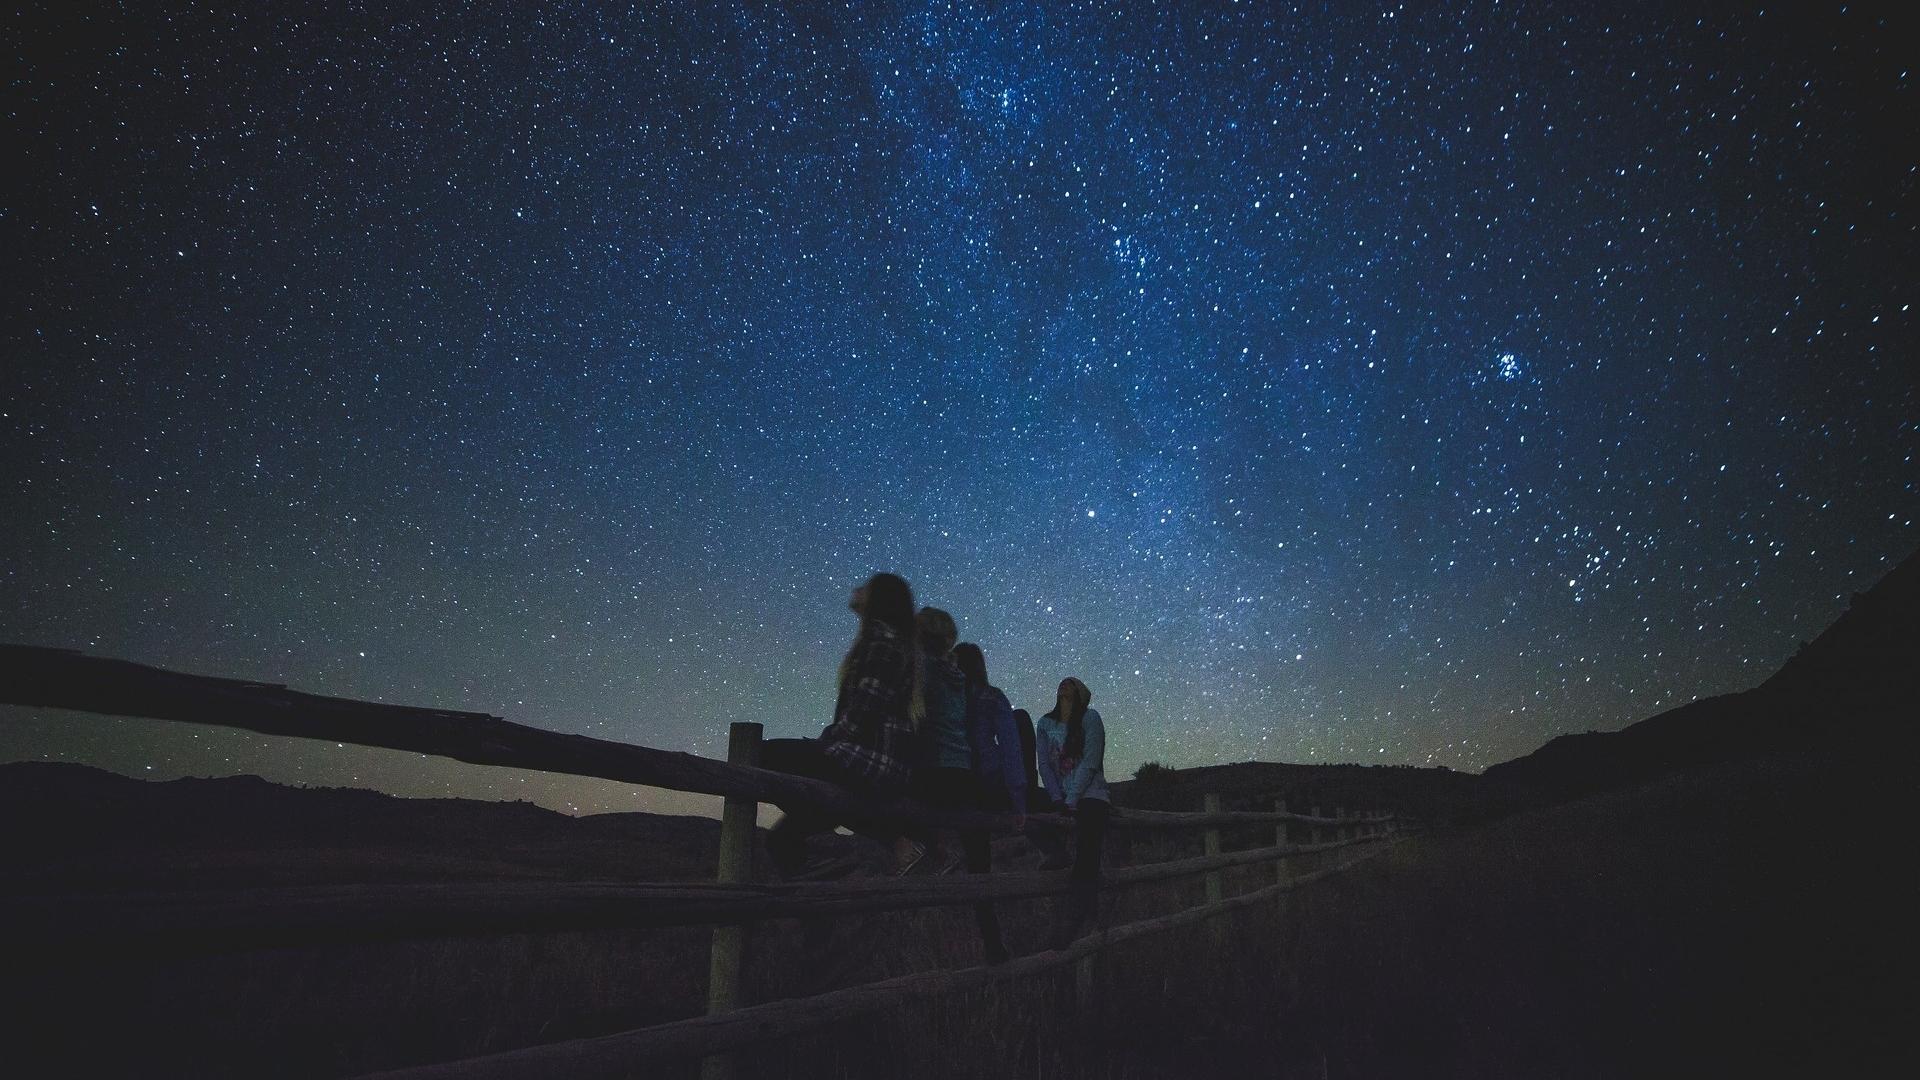 Notti sotto le stelle fattoria antonic asino berto bambini estate ceroglie trieste